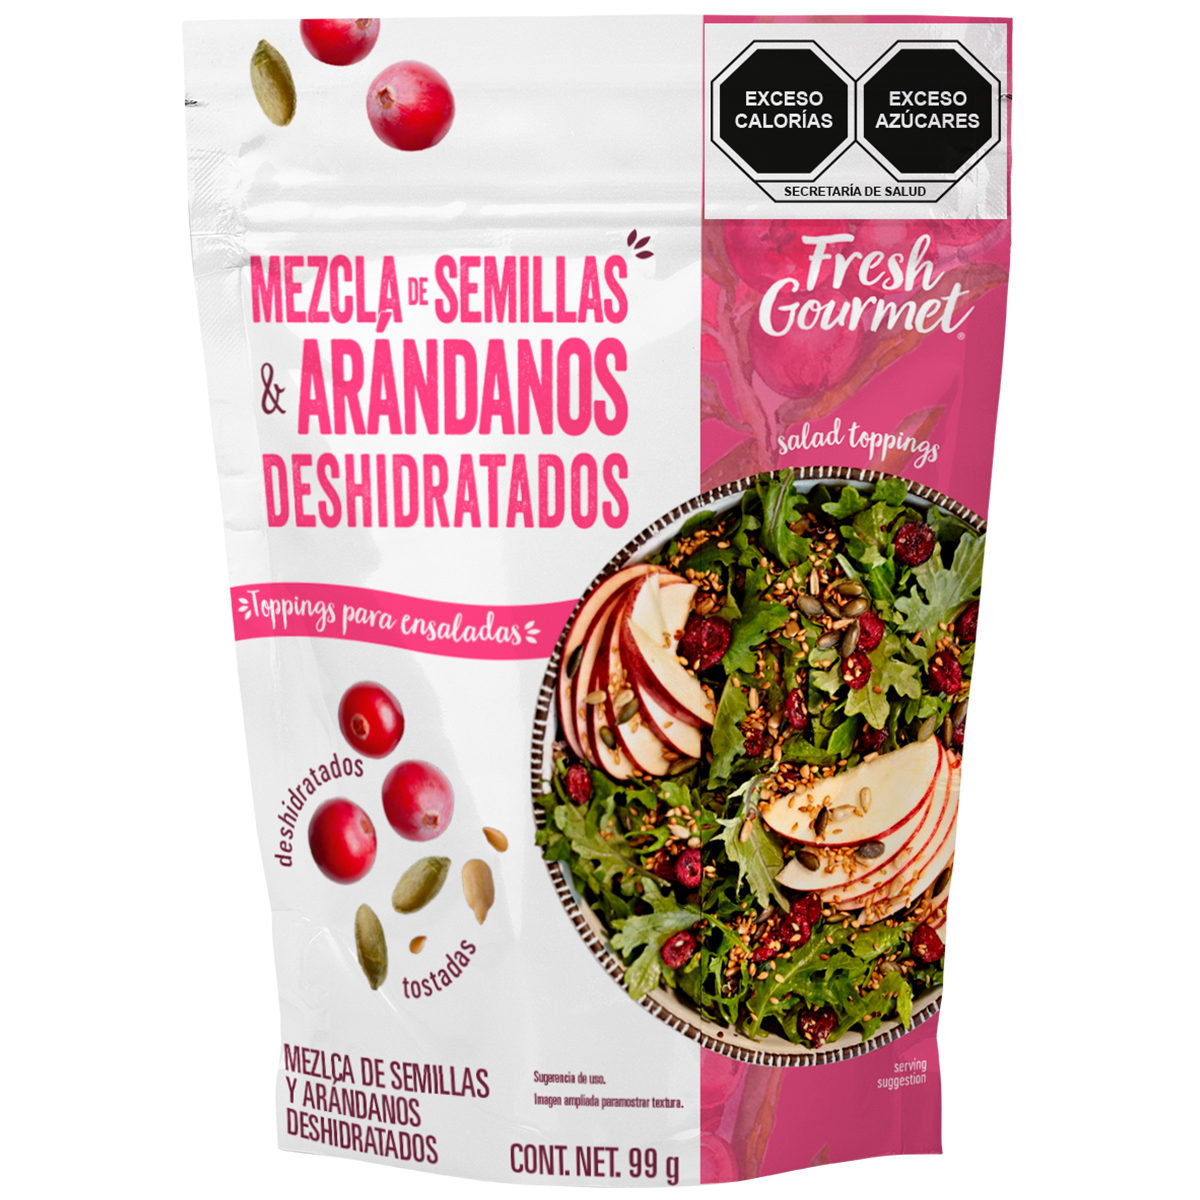 Fresh Gourmet - Mezcla de semillas y arándanos deshidratados